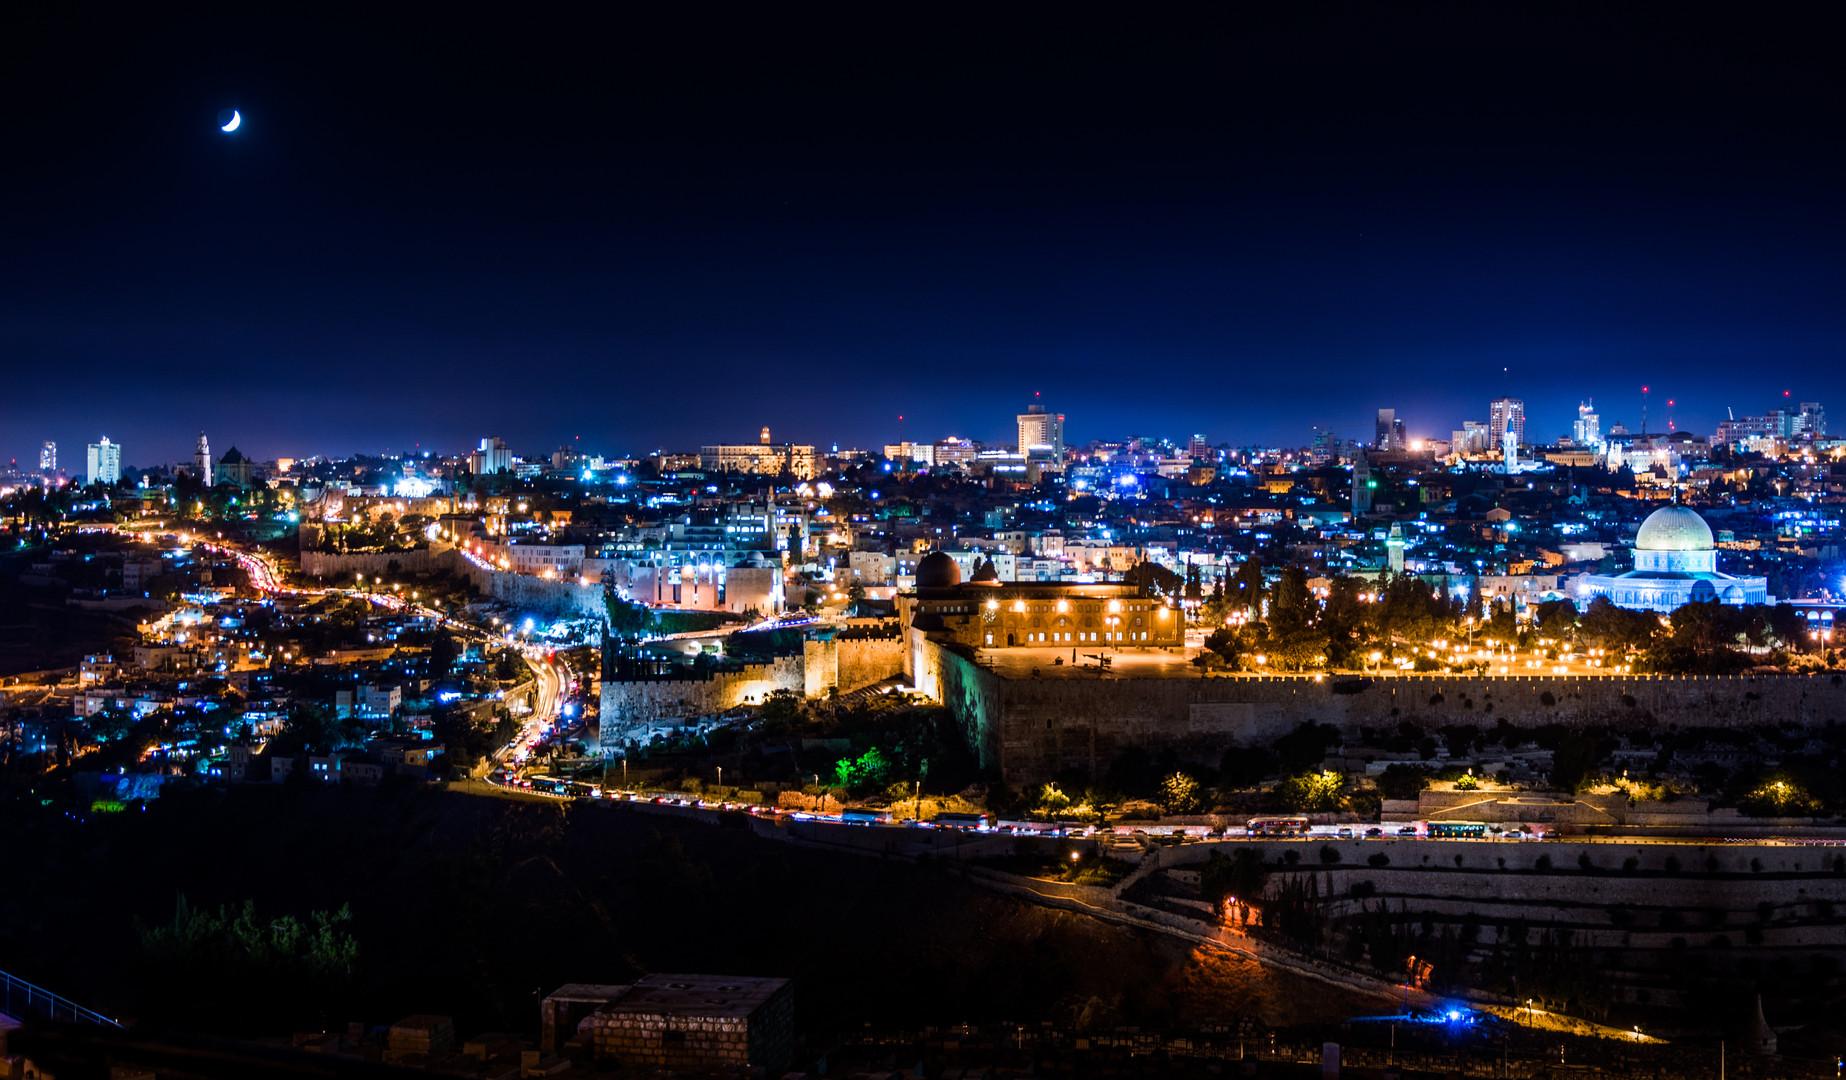 city-landscape-landmark-long-exposure-pl